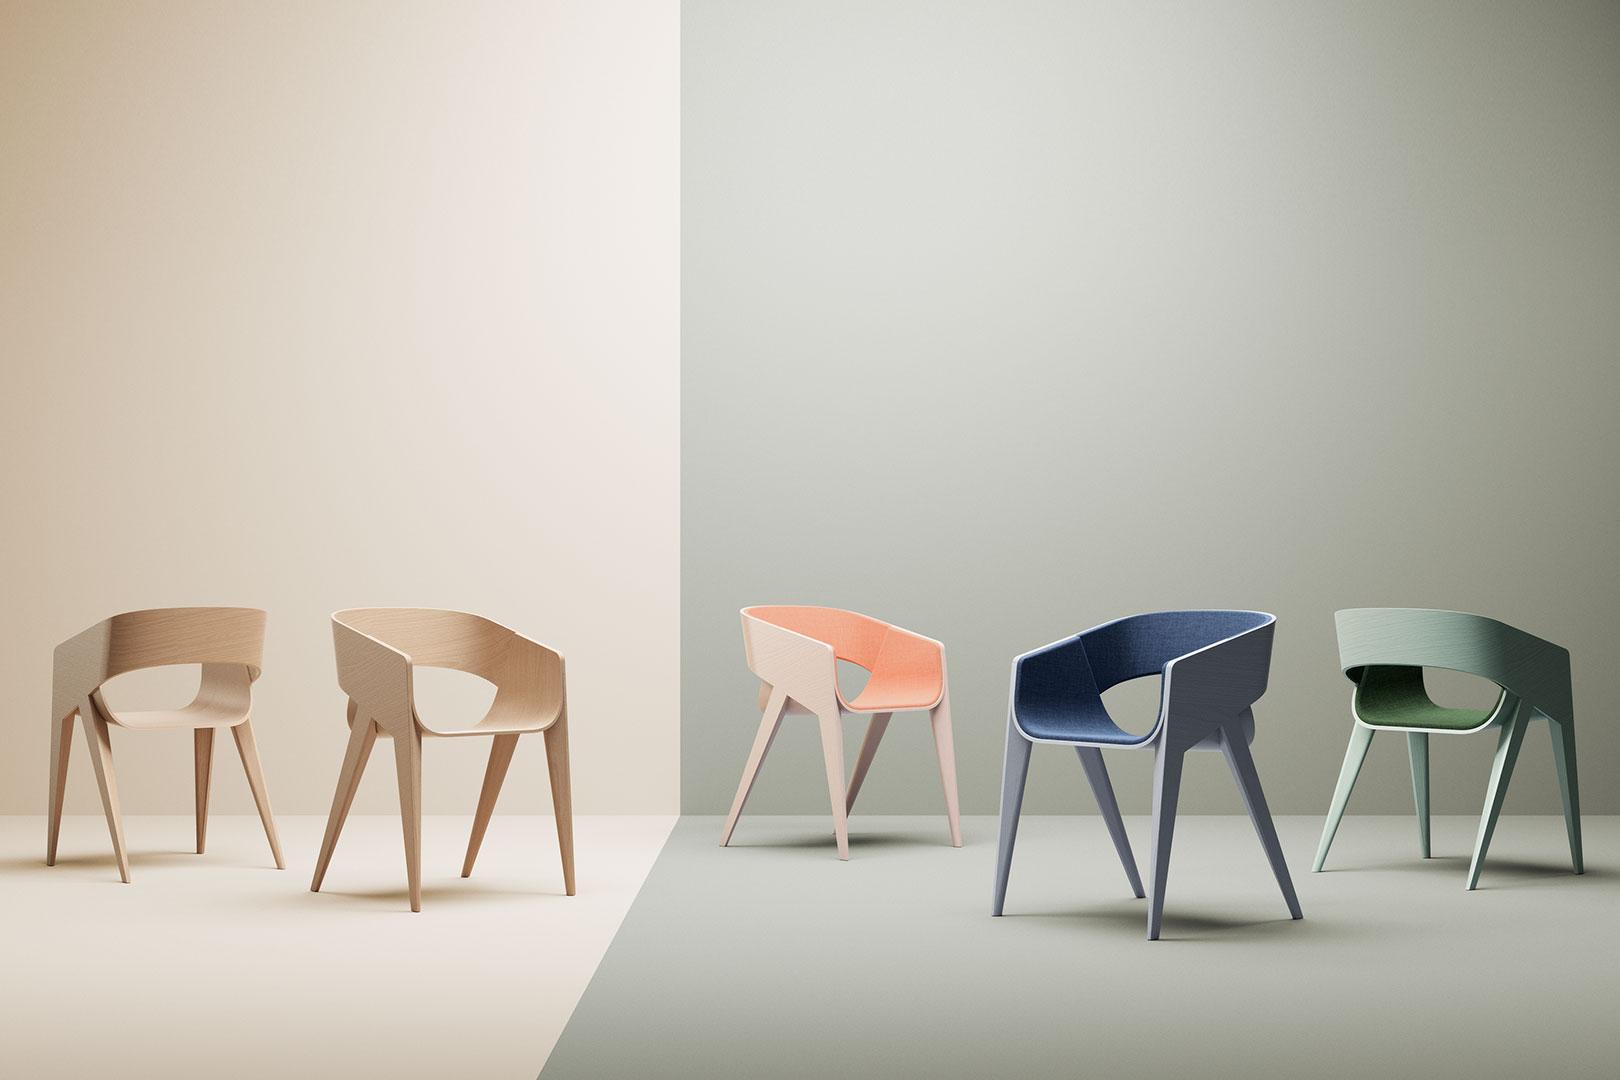 SLIM Chair – nicht wirklich dünn, aber minimalistisch und formschön